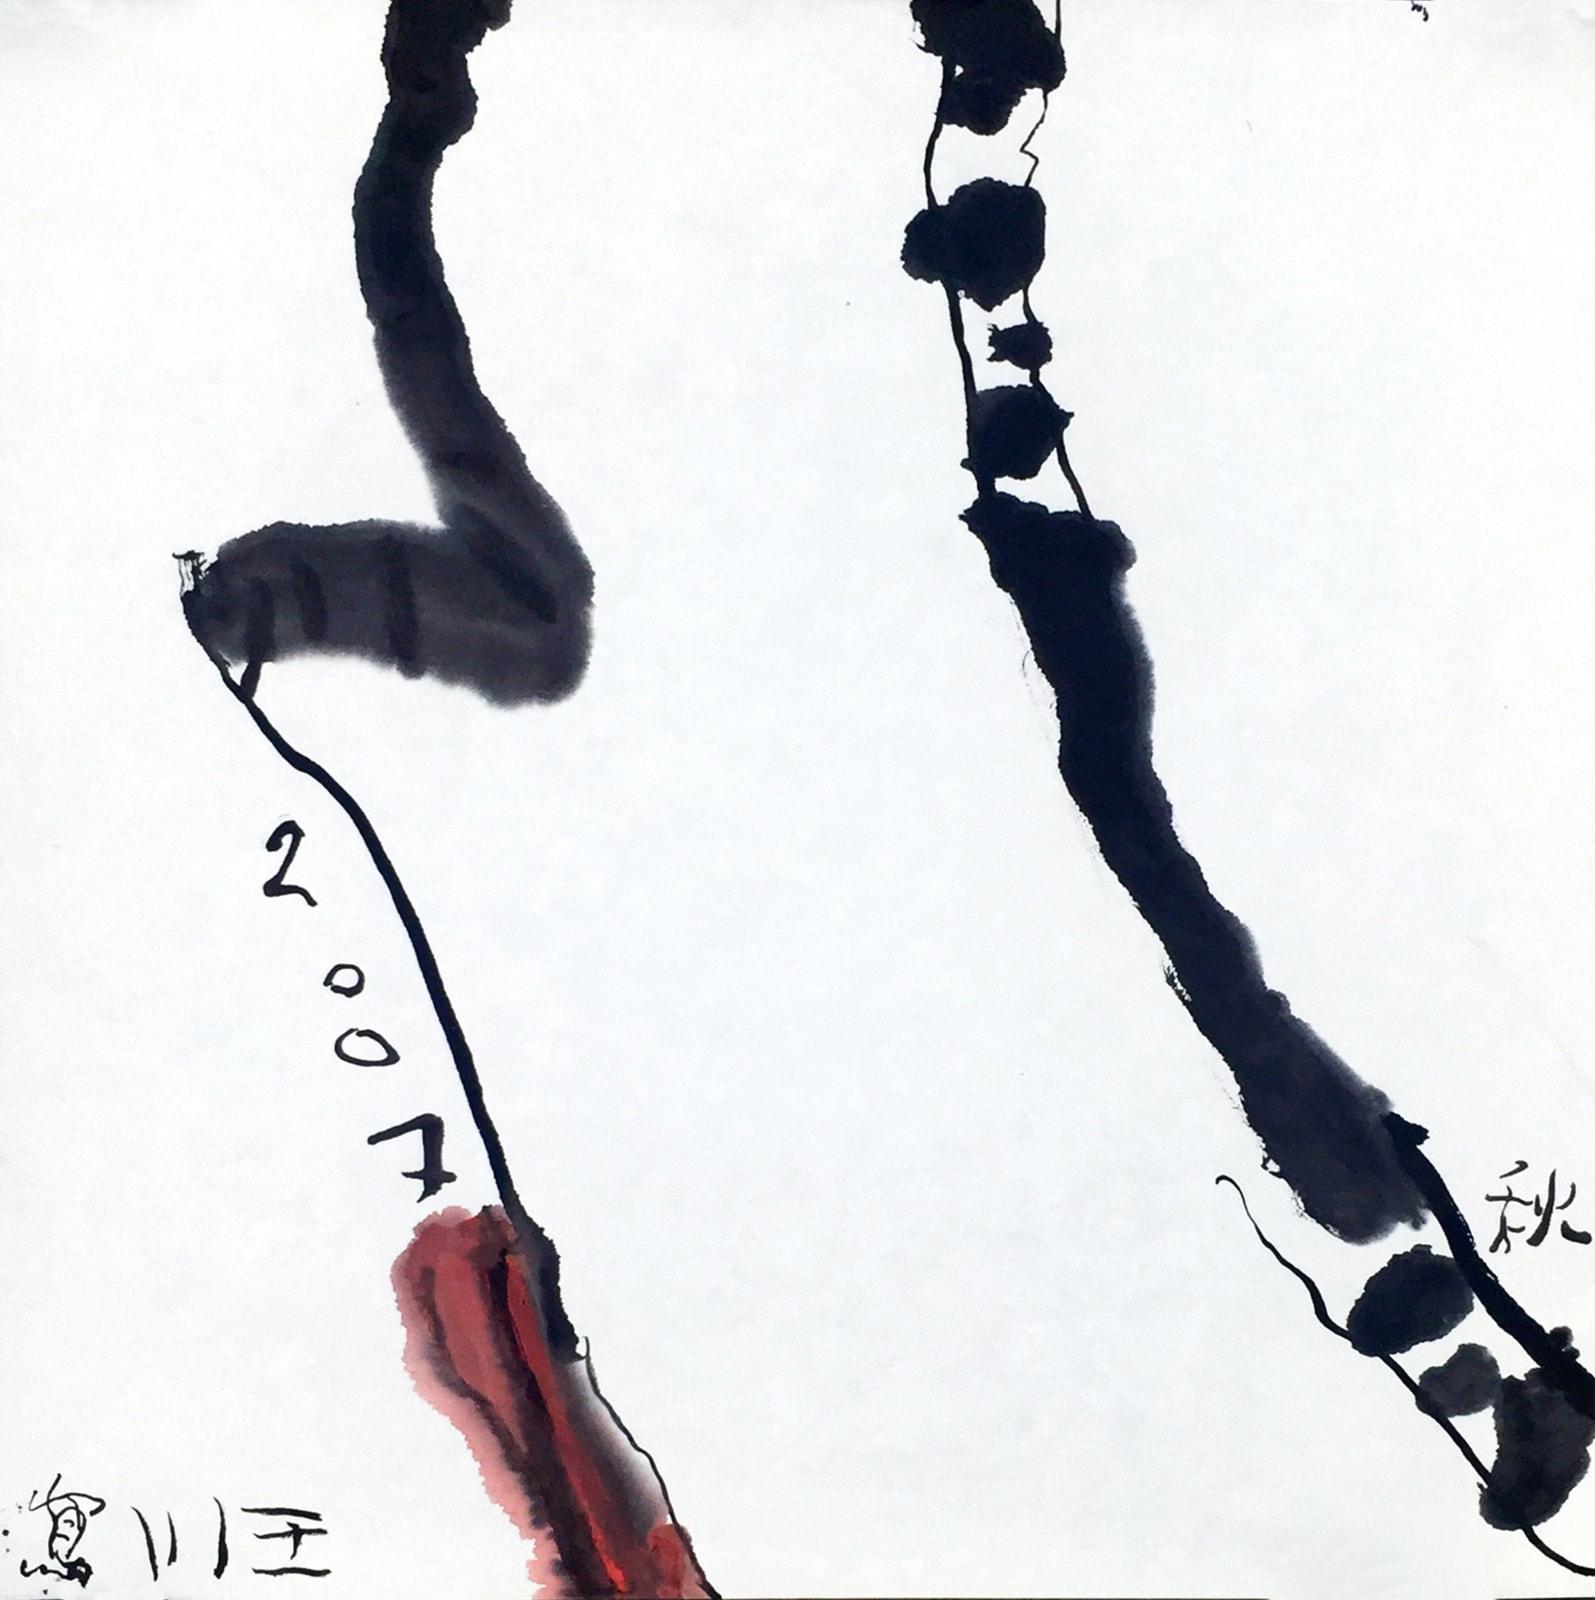 Wang Chuan 王川, Autumn, 2007